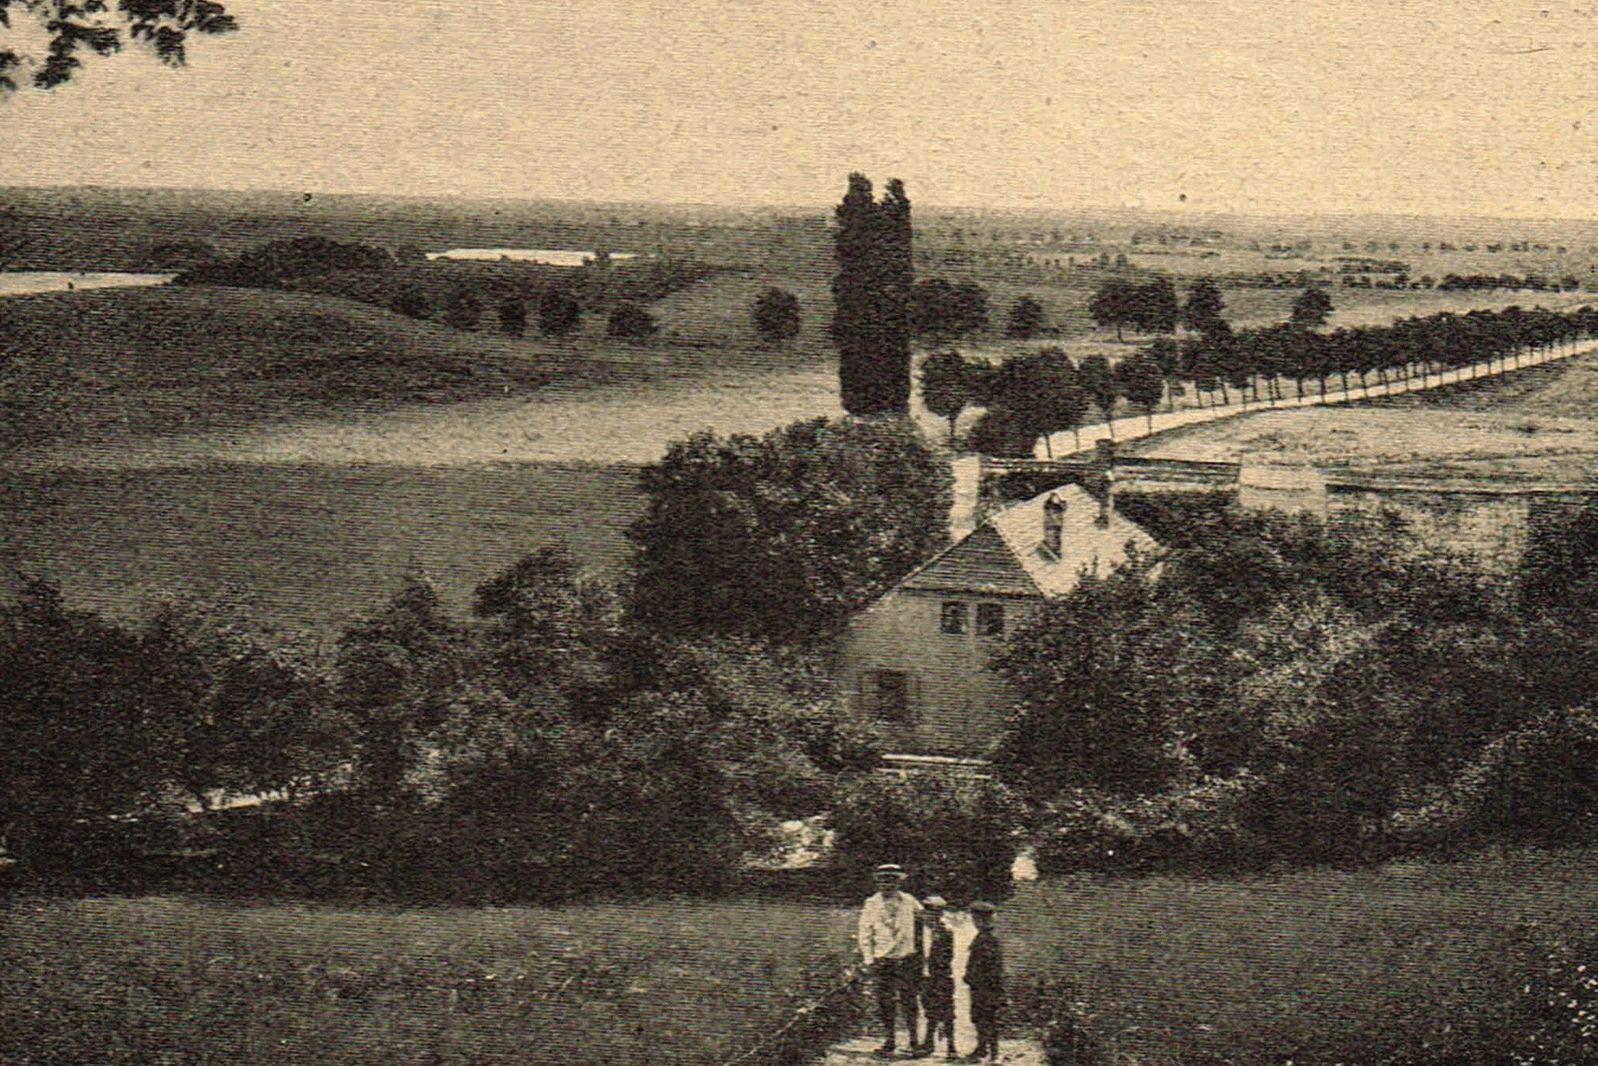 Burgwall bei Pasewalk - Wilsickow, Permensberge, Pasewalk, Mecklenburg-Vorpommern, Brietzig, Breetsch